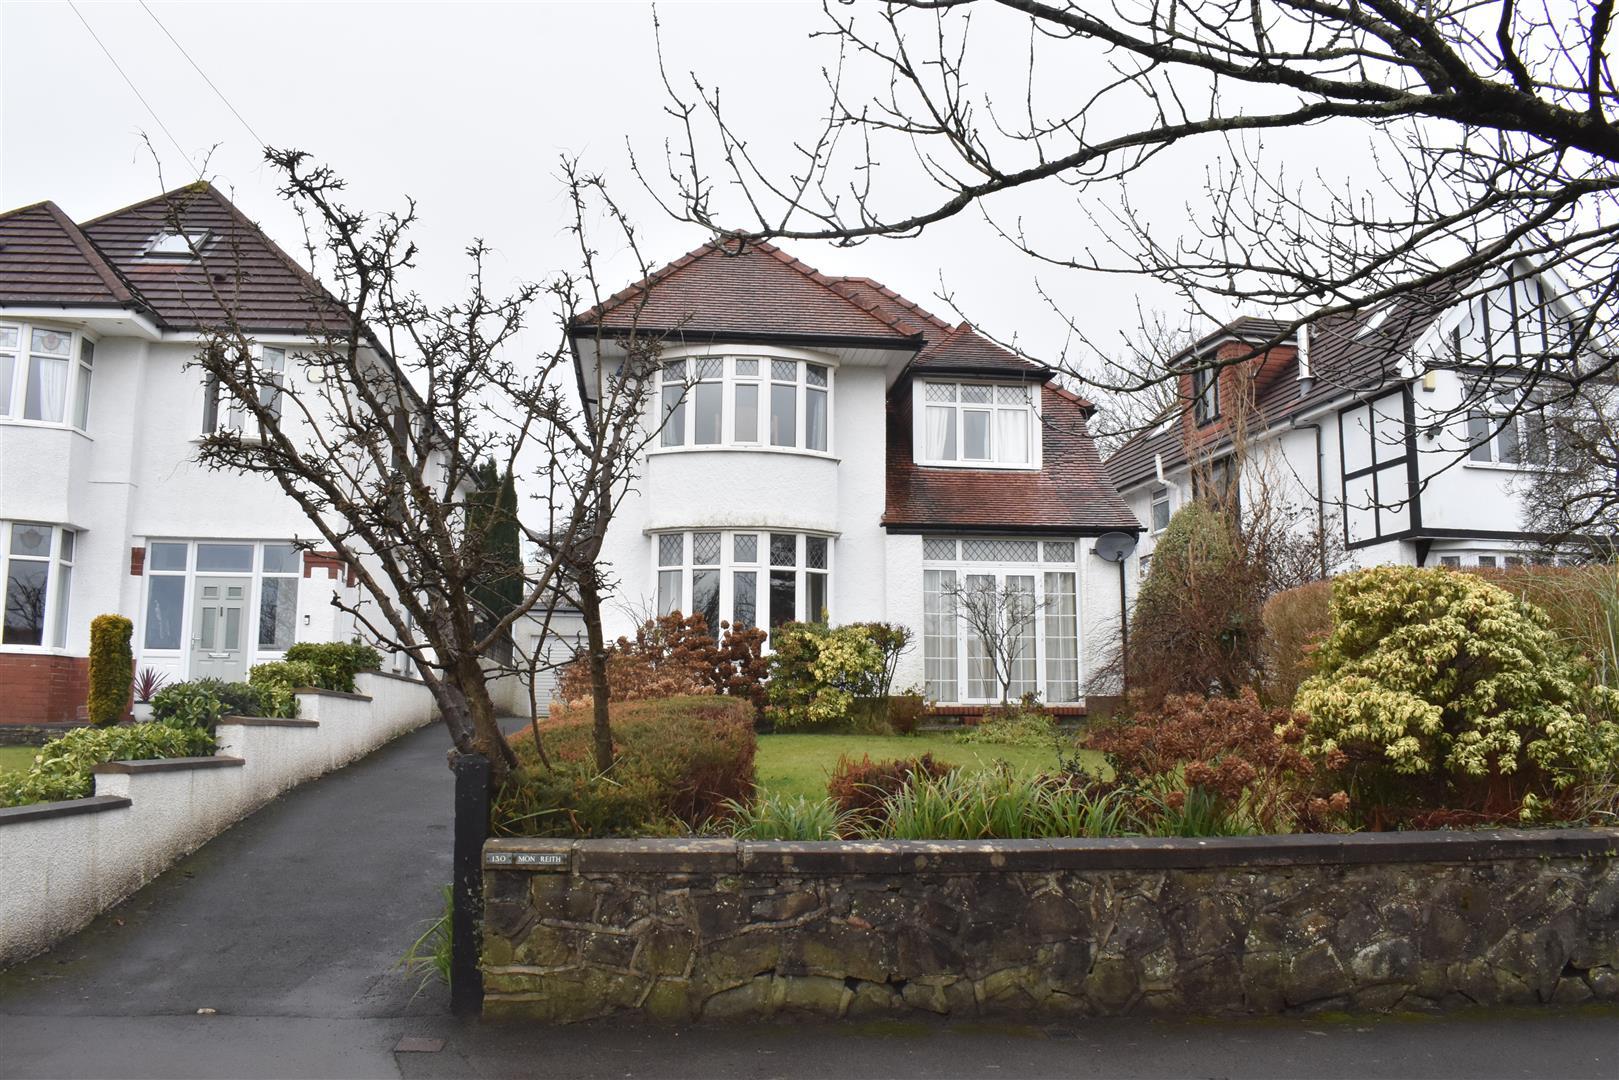 Derwen Fawr Road, Derwen Fawr, Swansea, SA2 8DP